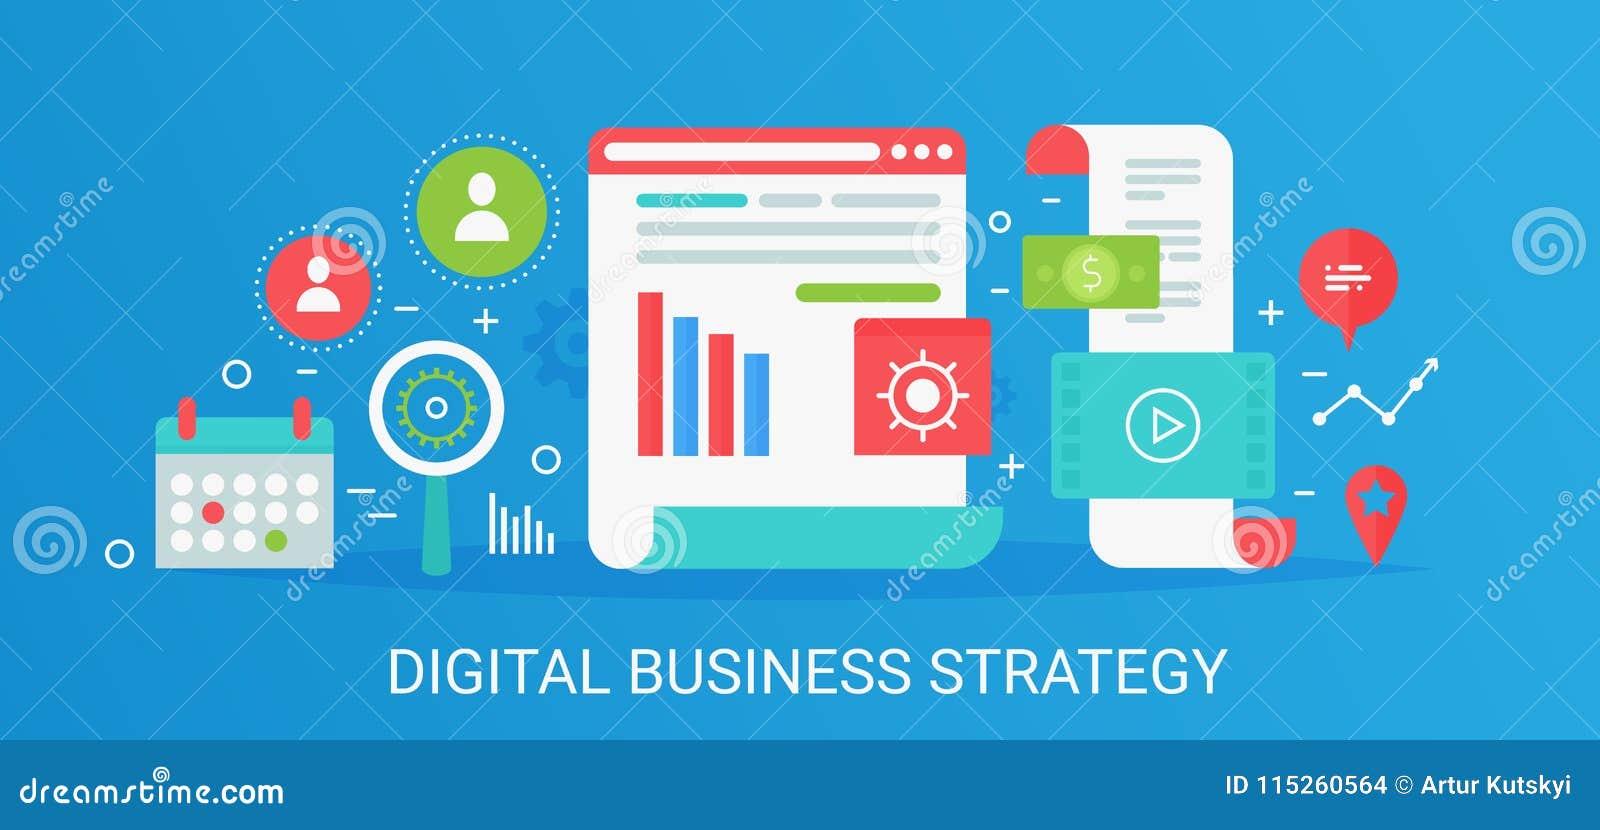 Знамя стратегии бизнеса плоской современной концепции вектора цифровое с значками и текстом